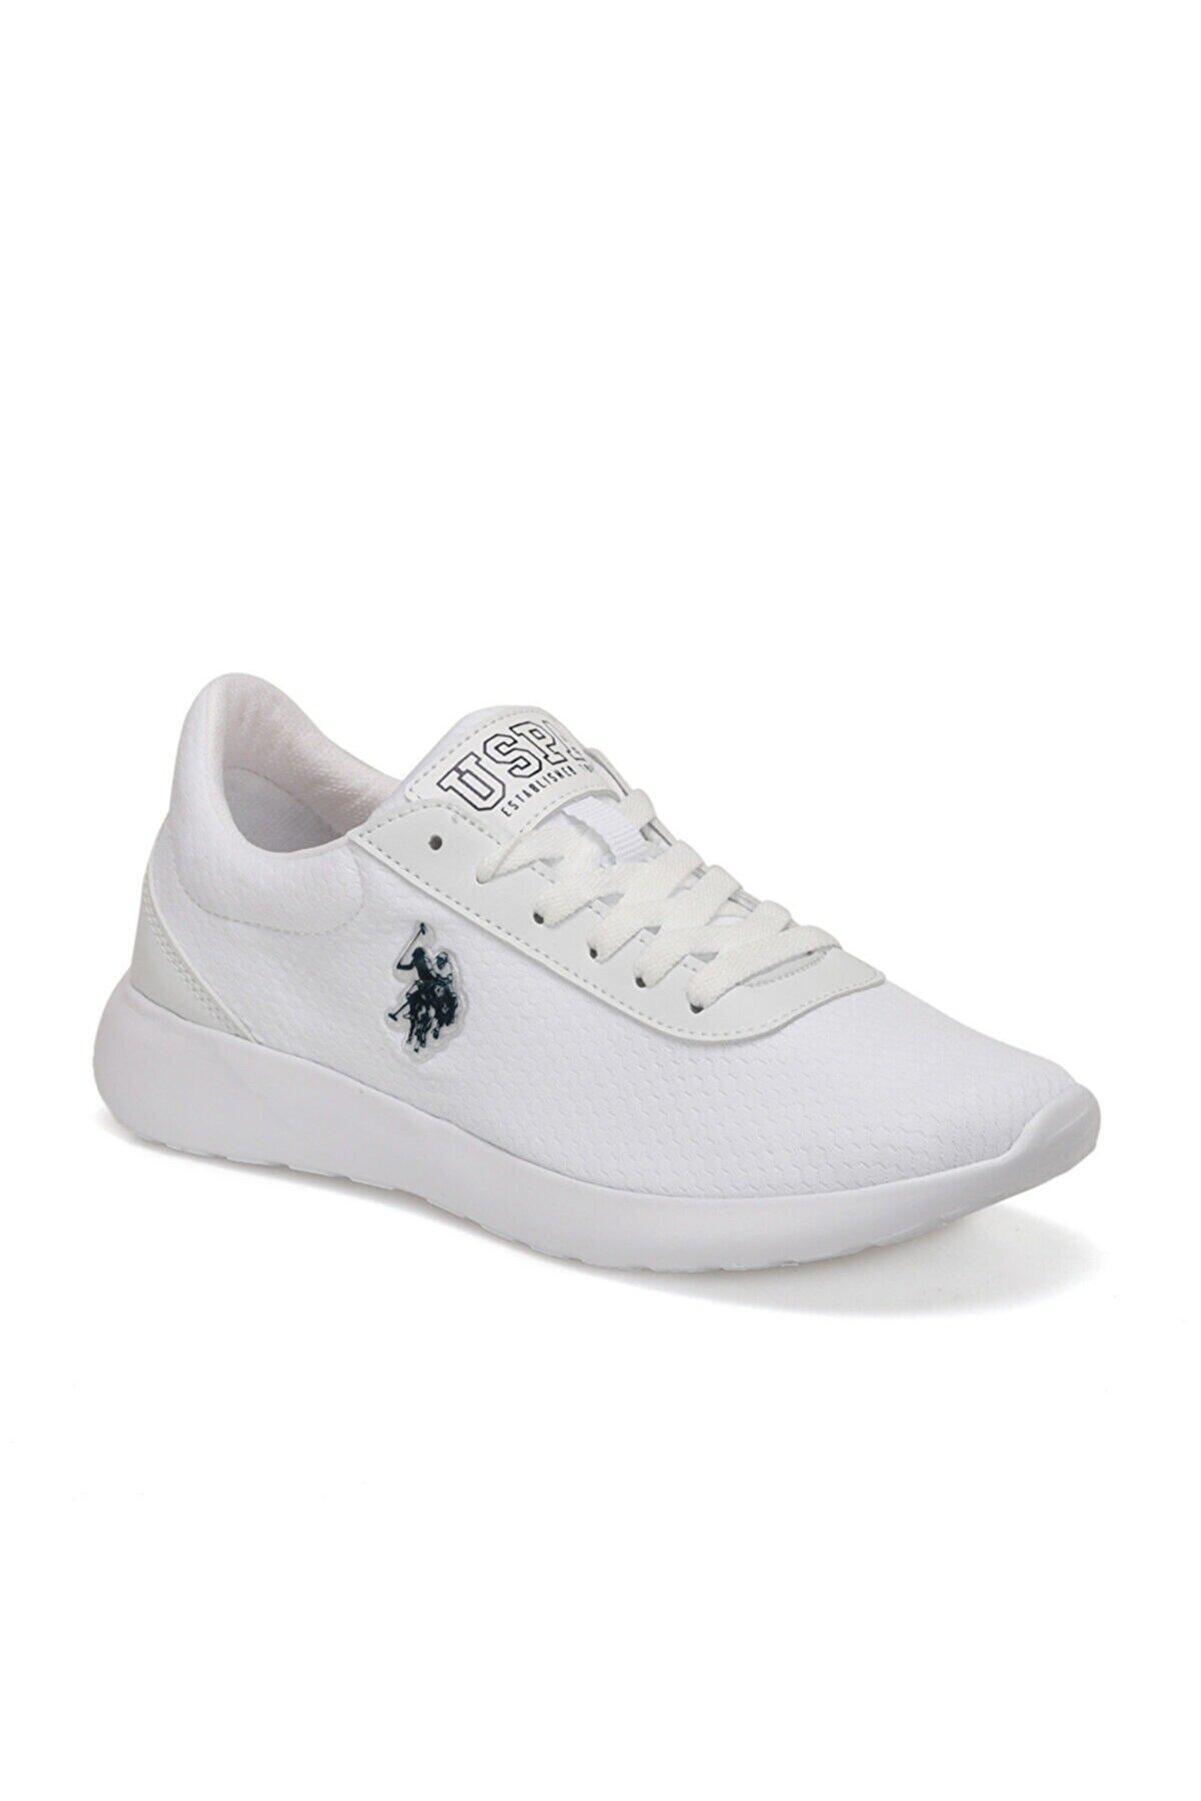 US Polo Assn RAINY Beyaz Kadın Sneaker Ayakkabı 100489756